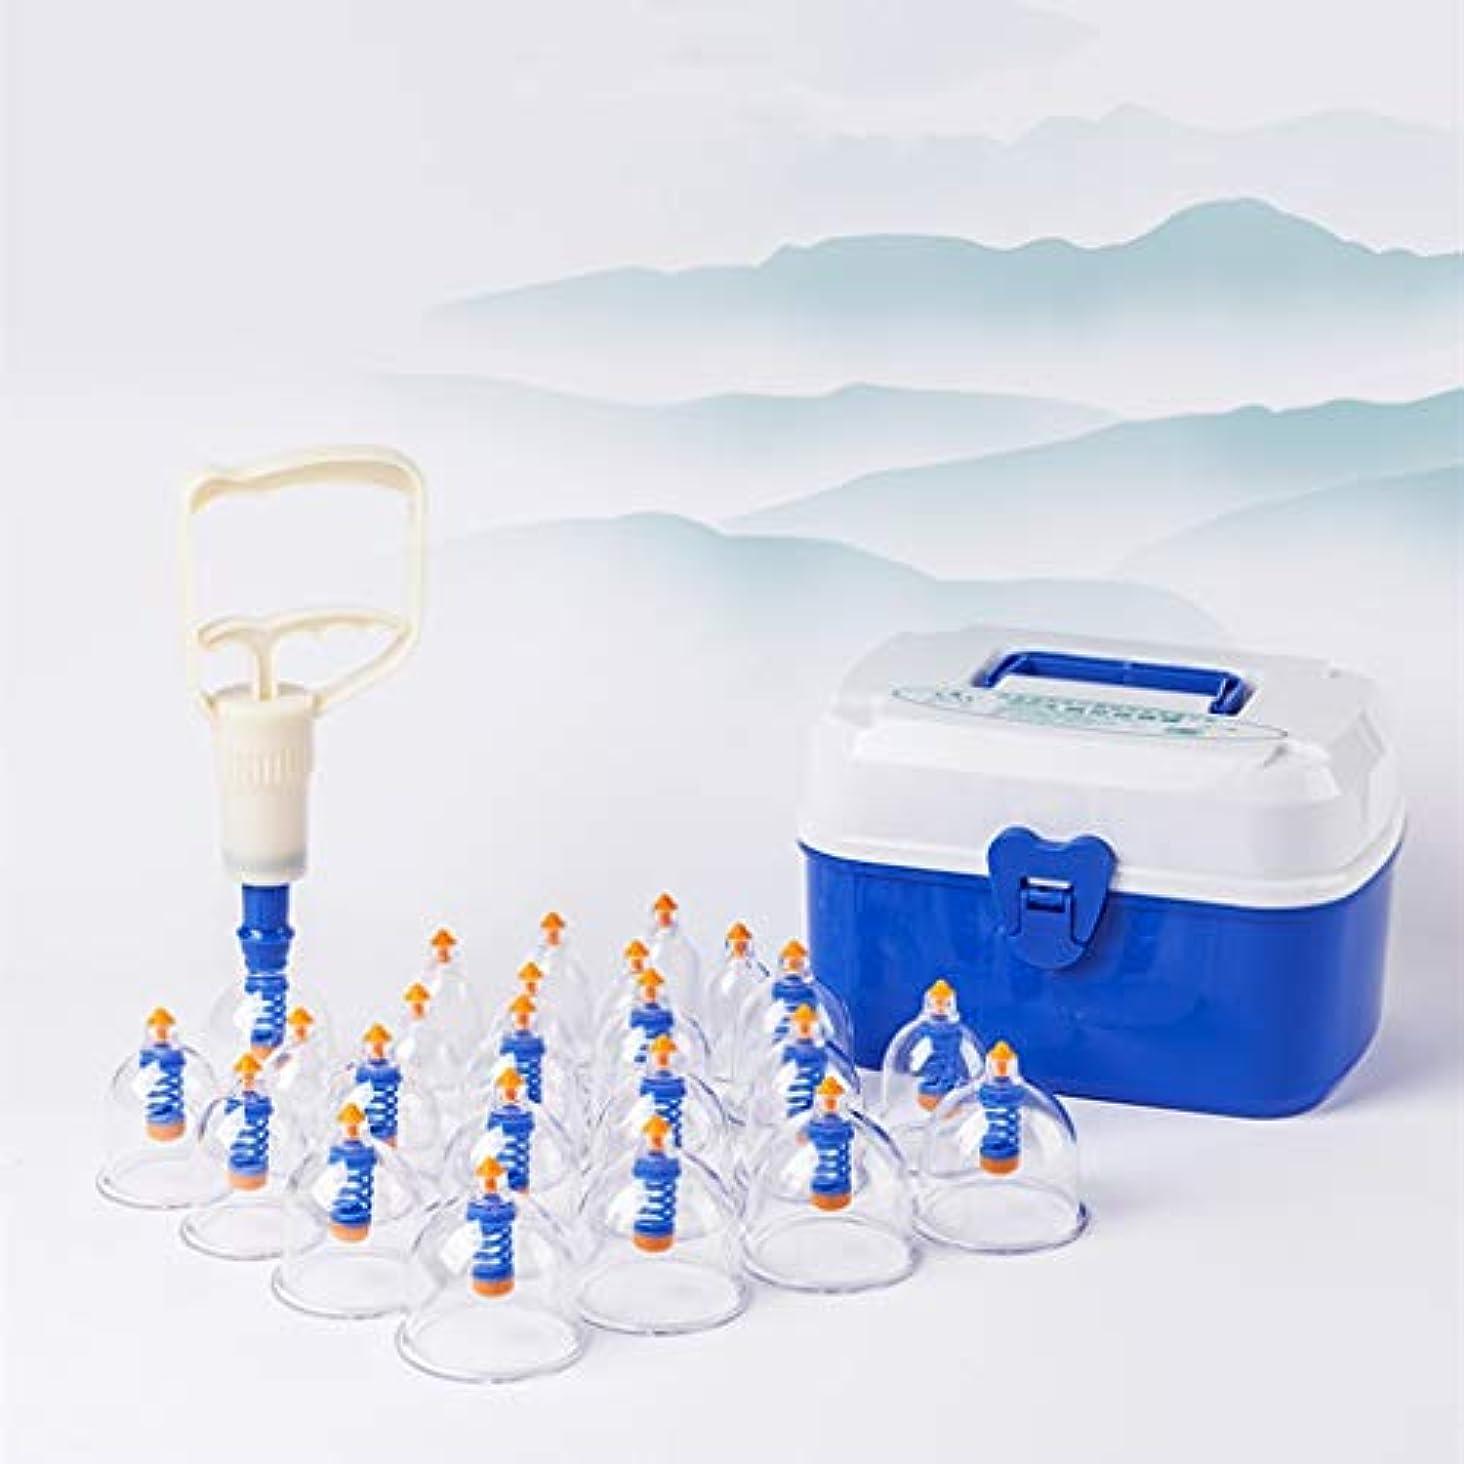 従来の反響する理論吸い玉 カッピング療法セット 吸い玉健康法カッピングカップ ツボ刺激血流促進こり解消点穴磁気 6種類 24個 延長チューブ?収納ケース付